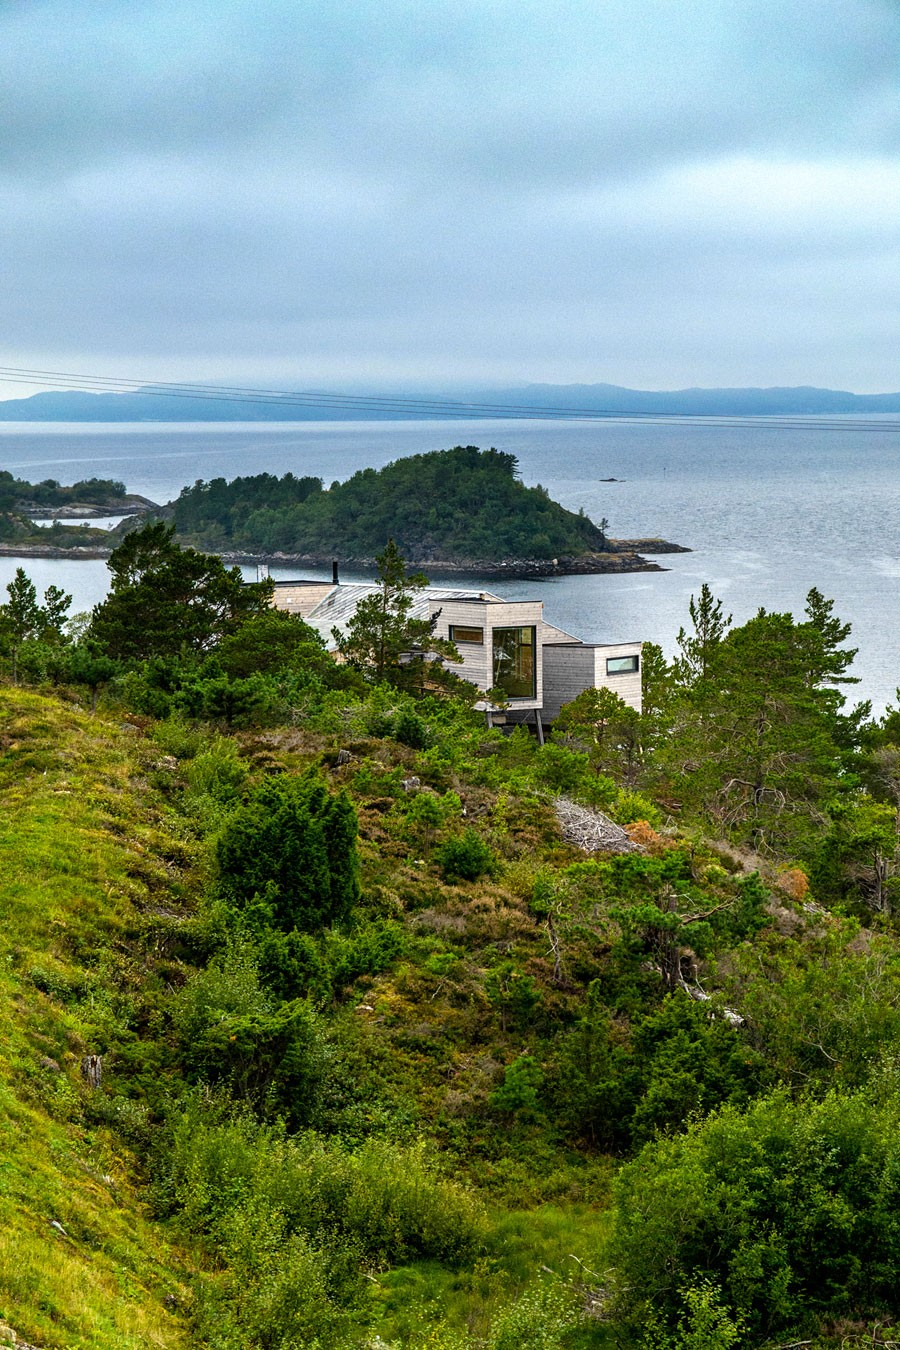 Дом для отдыха на берегу моря, Норвегия